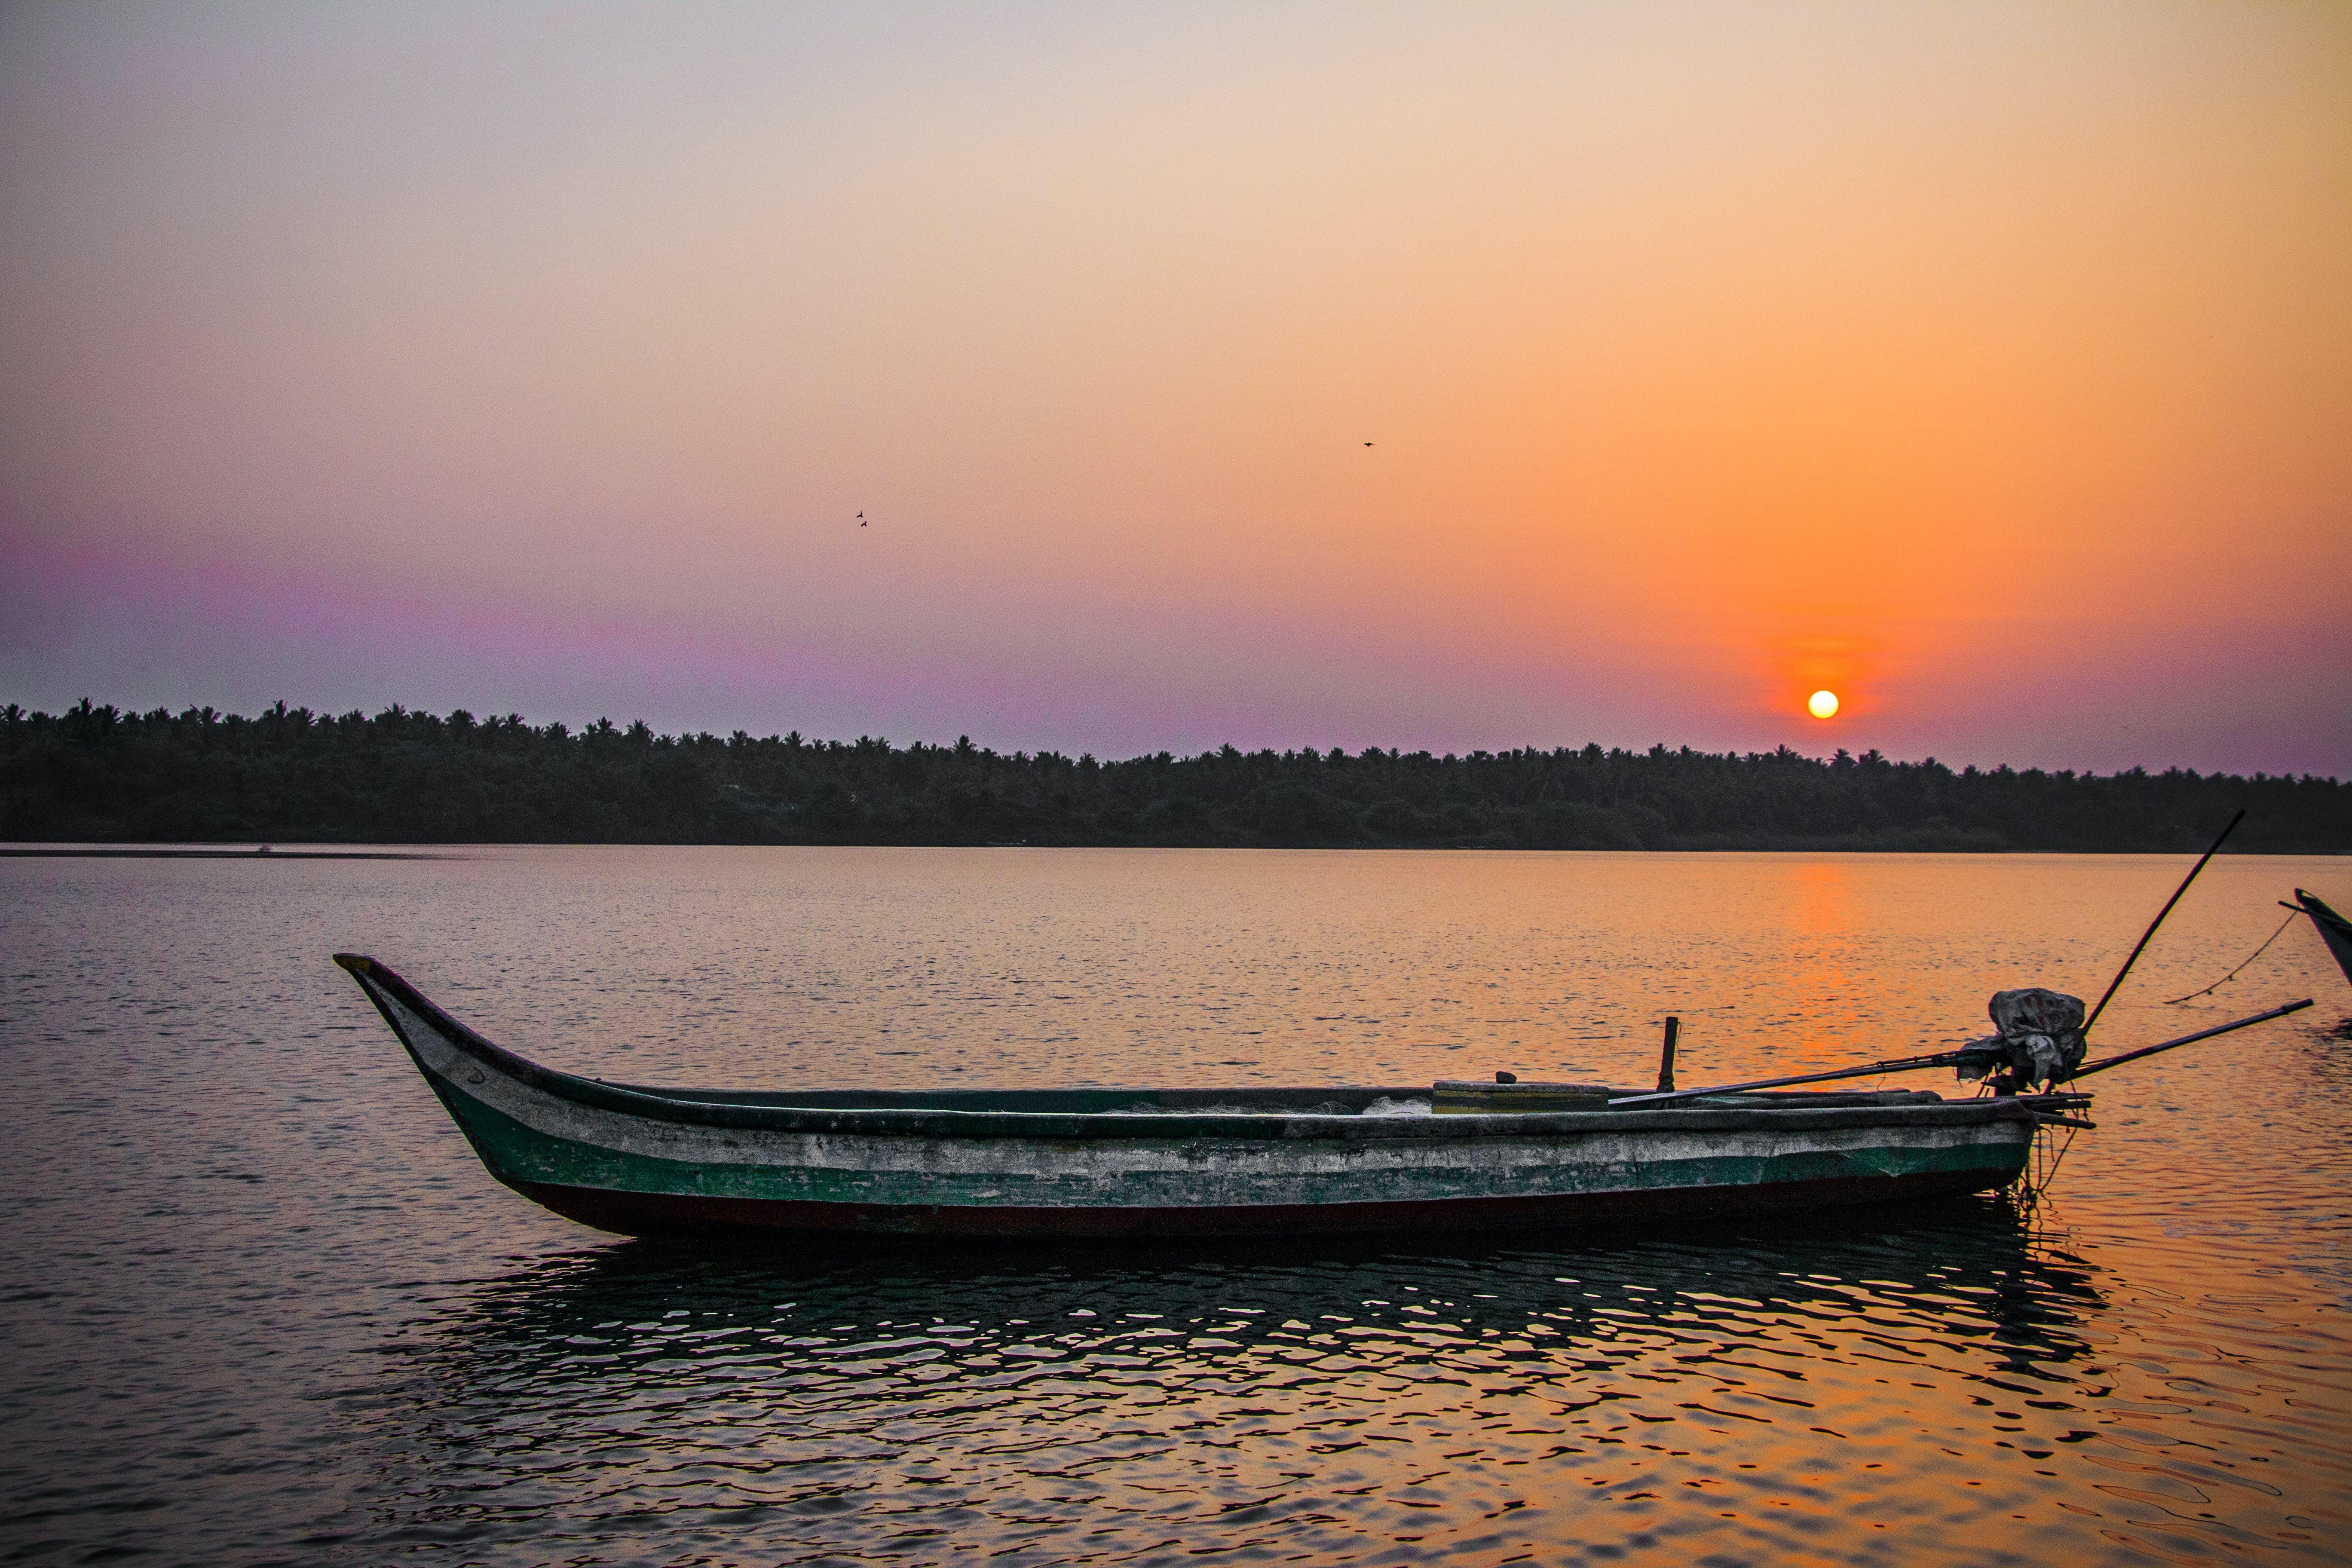 Δωρεάν στοκ φωτογραφιών με βάρκα, δύση του ηλίου, θάλασσα, Ινδία